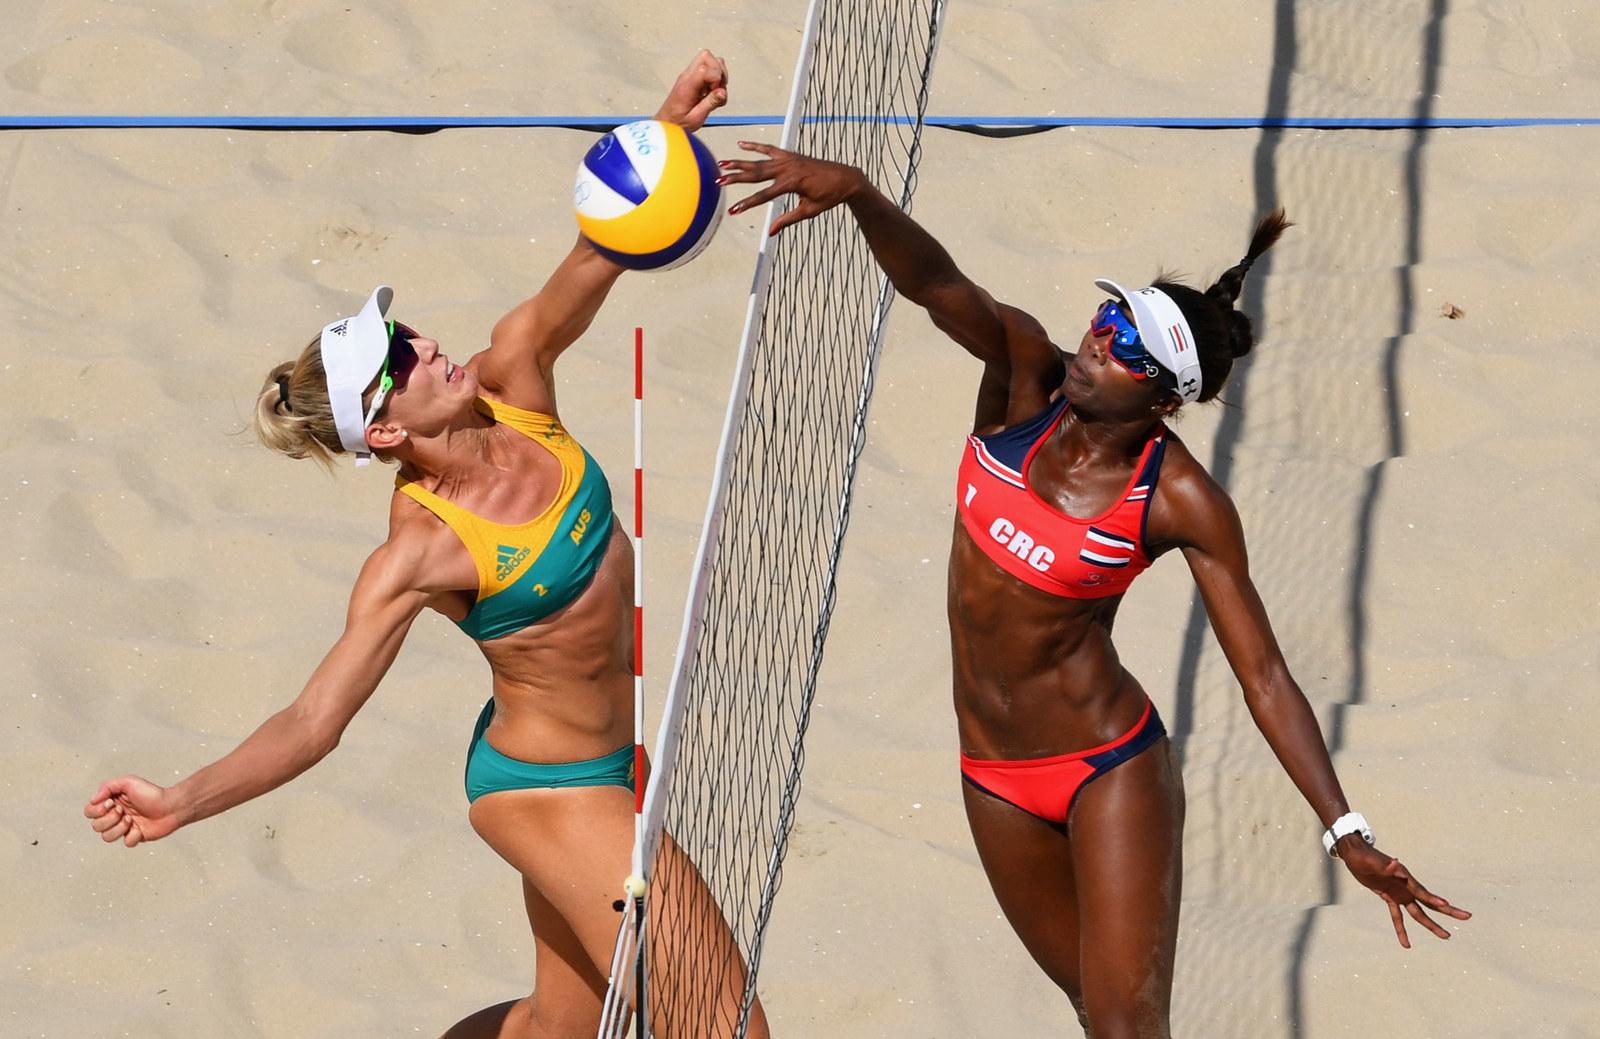 Олимпиада 2016 волейбол сша франция